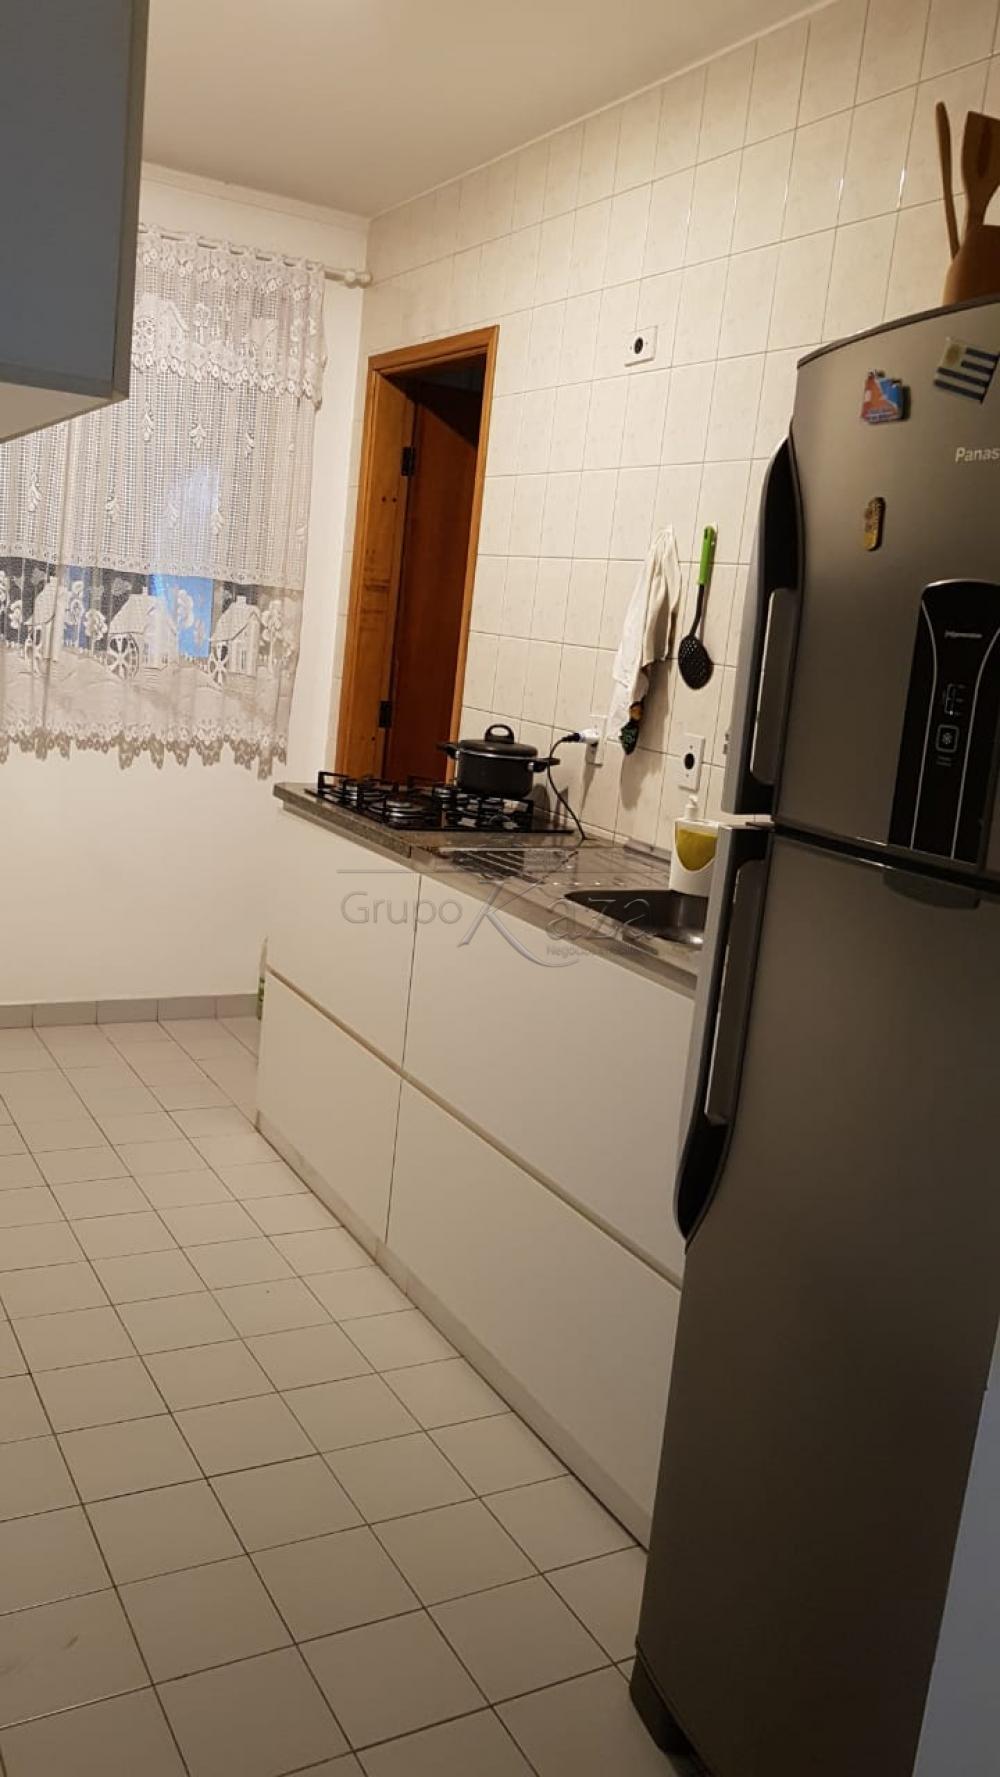 Comprar Apartamento / Padrão em São José dos Campos apenas R$ 175.000,00 - Foto 5